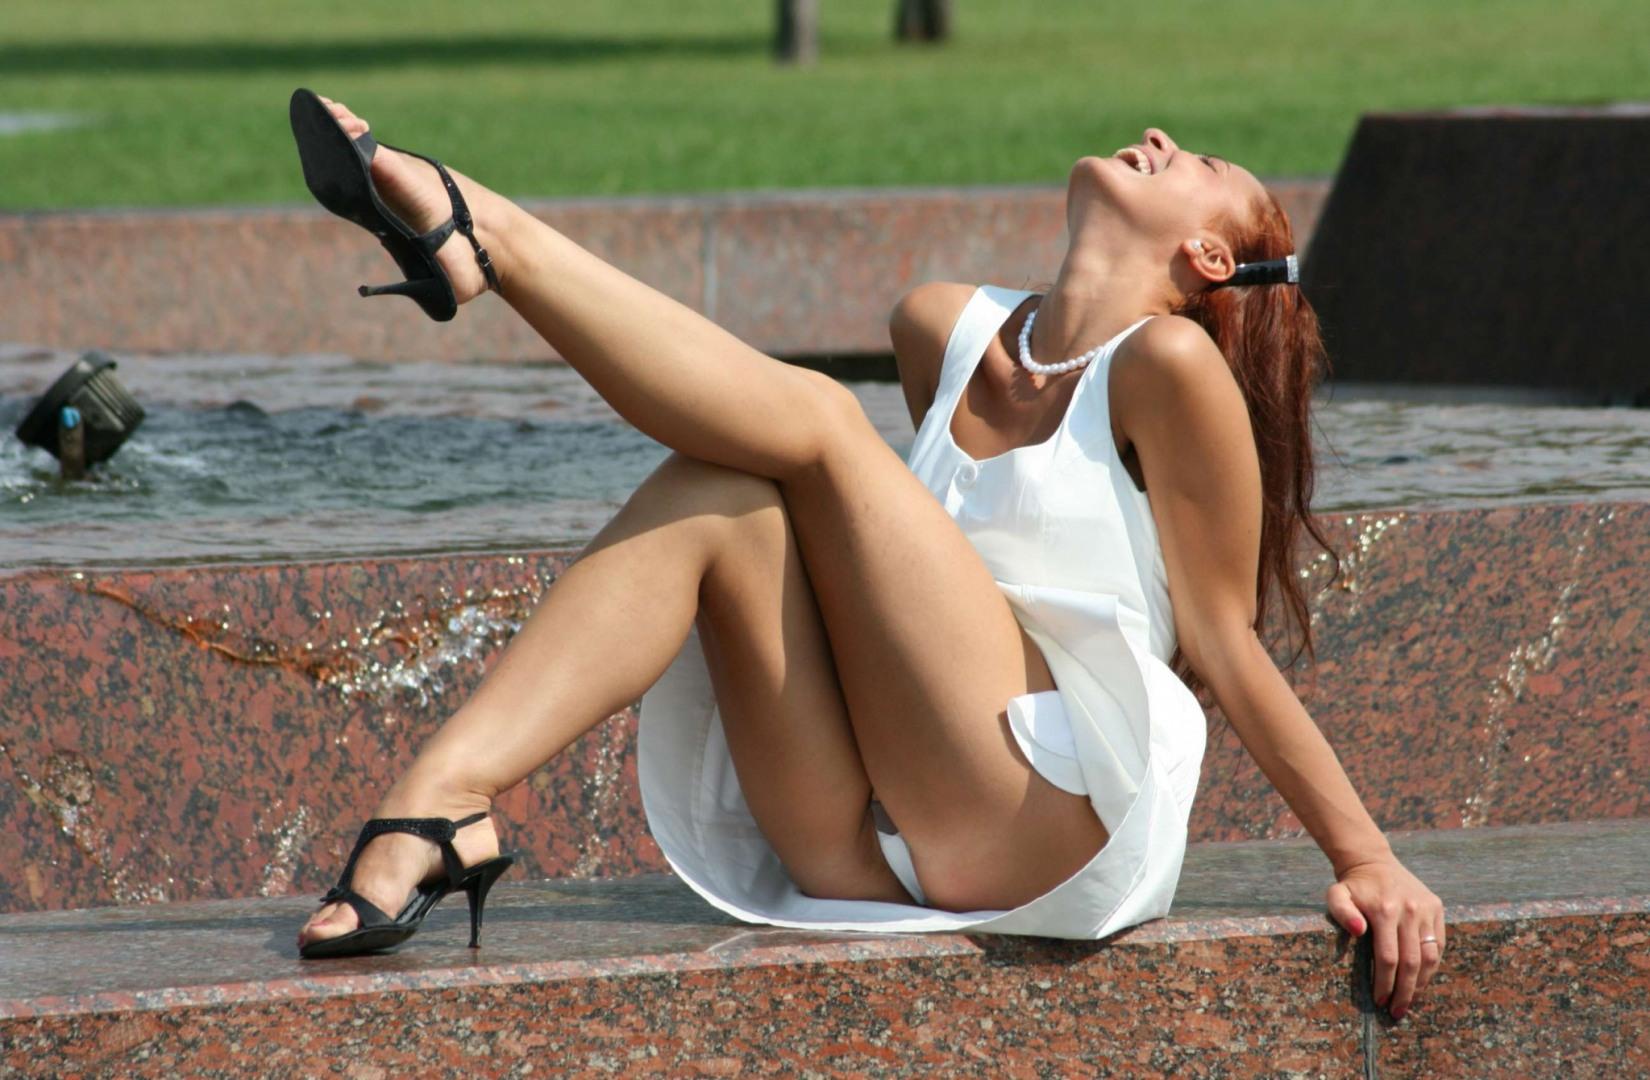 пикантные снимки оголенных женщин конечно прекрасен